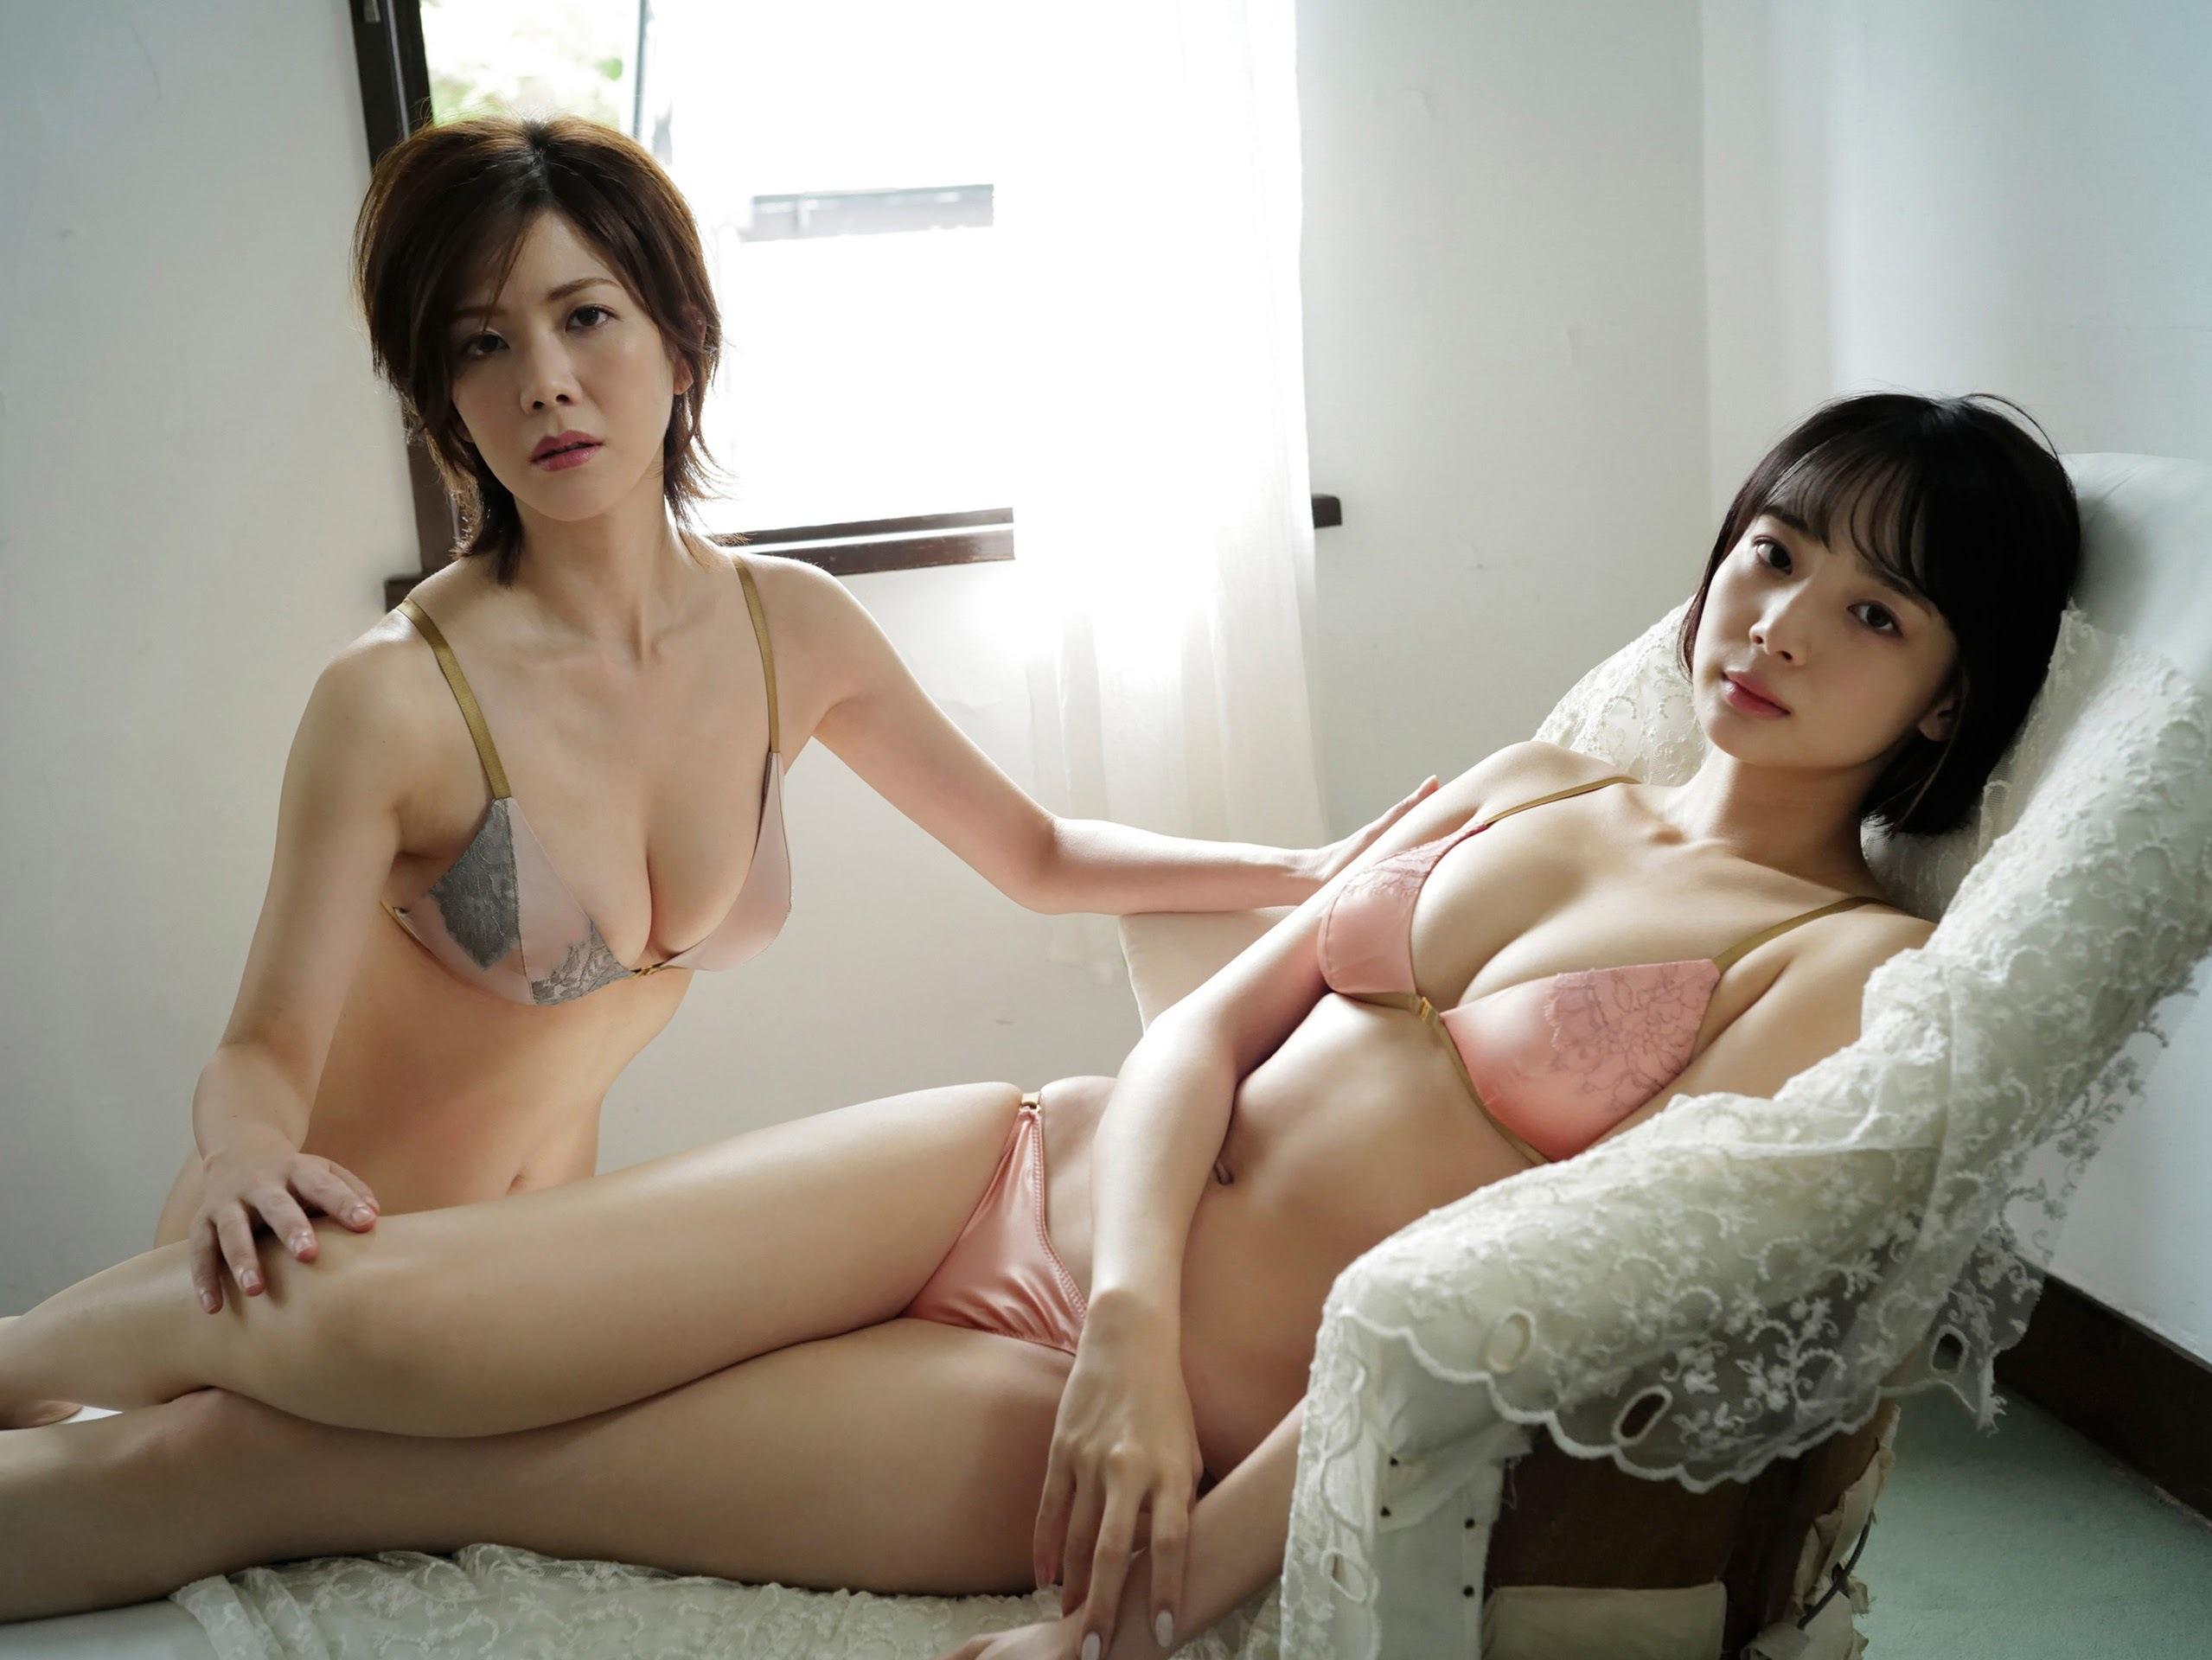 岡田紗佳 × 高宮まり29